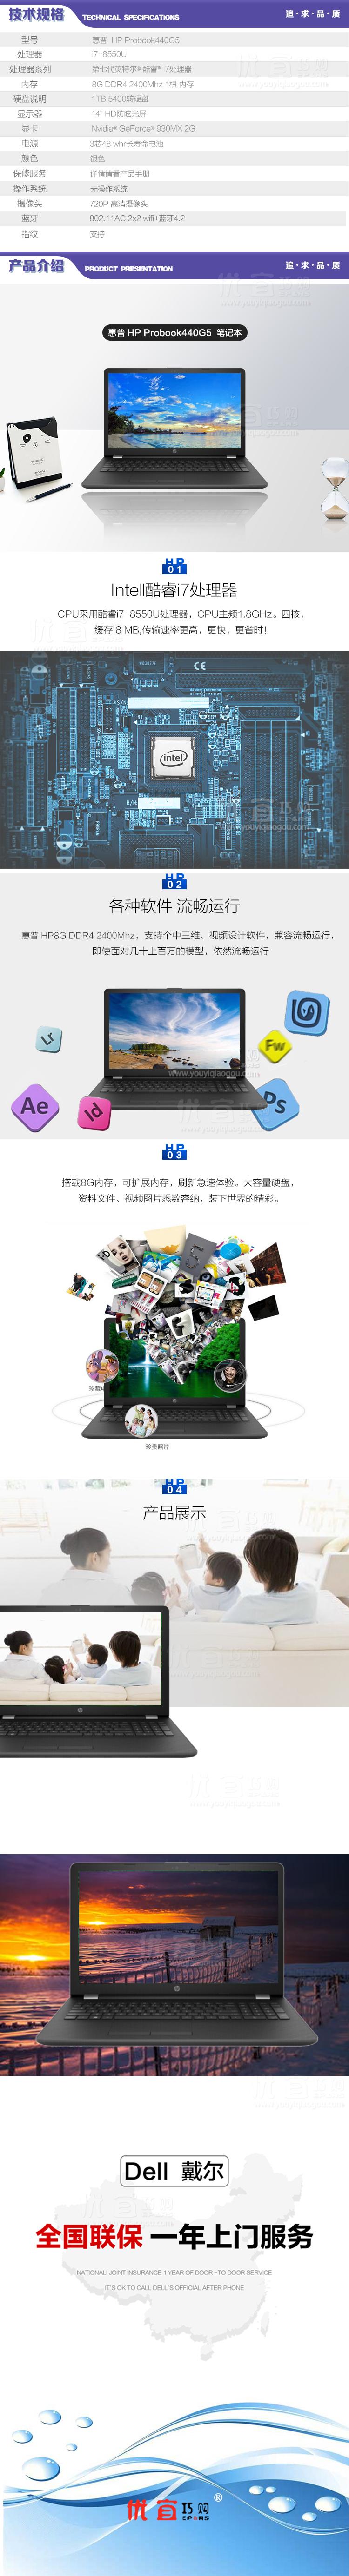 惠普 Probook440G5   I7-8550 笔记本 .jpg